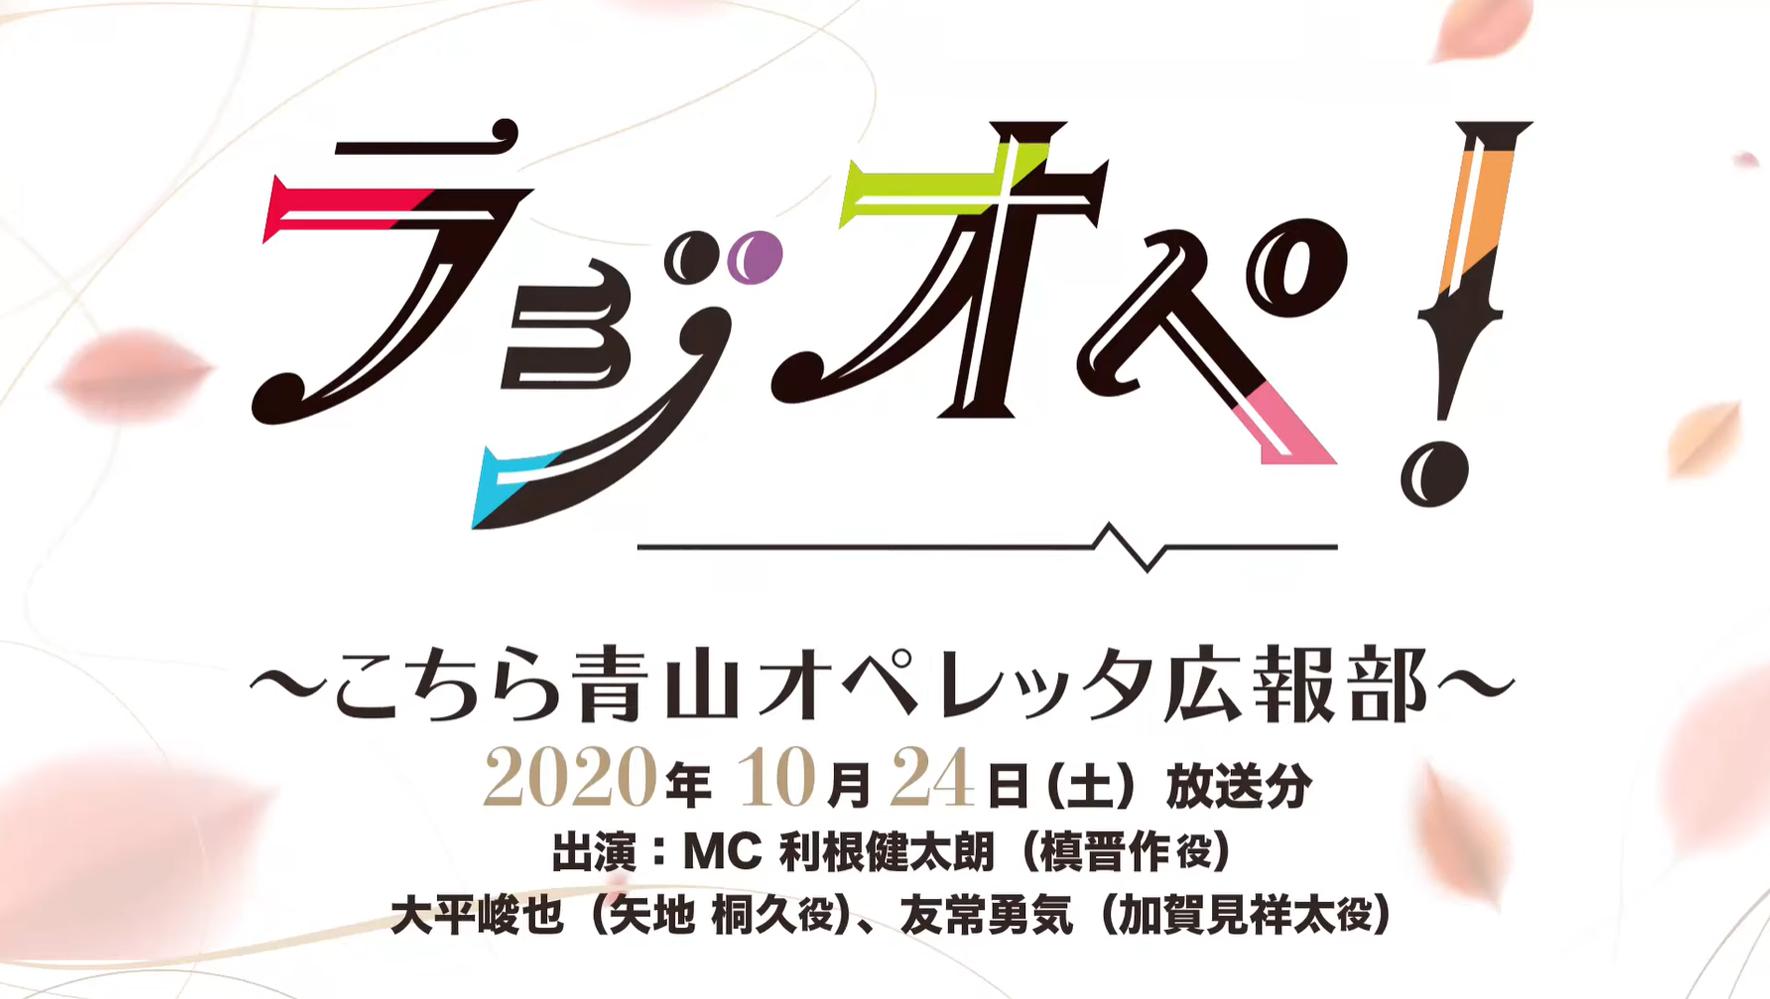 10月24日(土)放送分「ラジオペ!」出演:利根健太朗、大平峻也、友常勇気